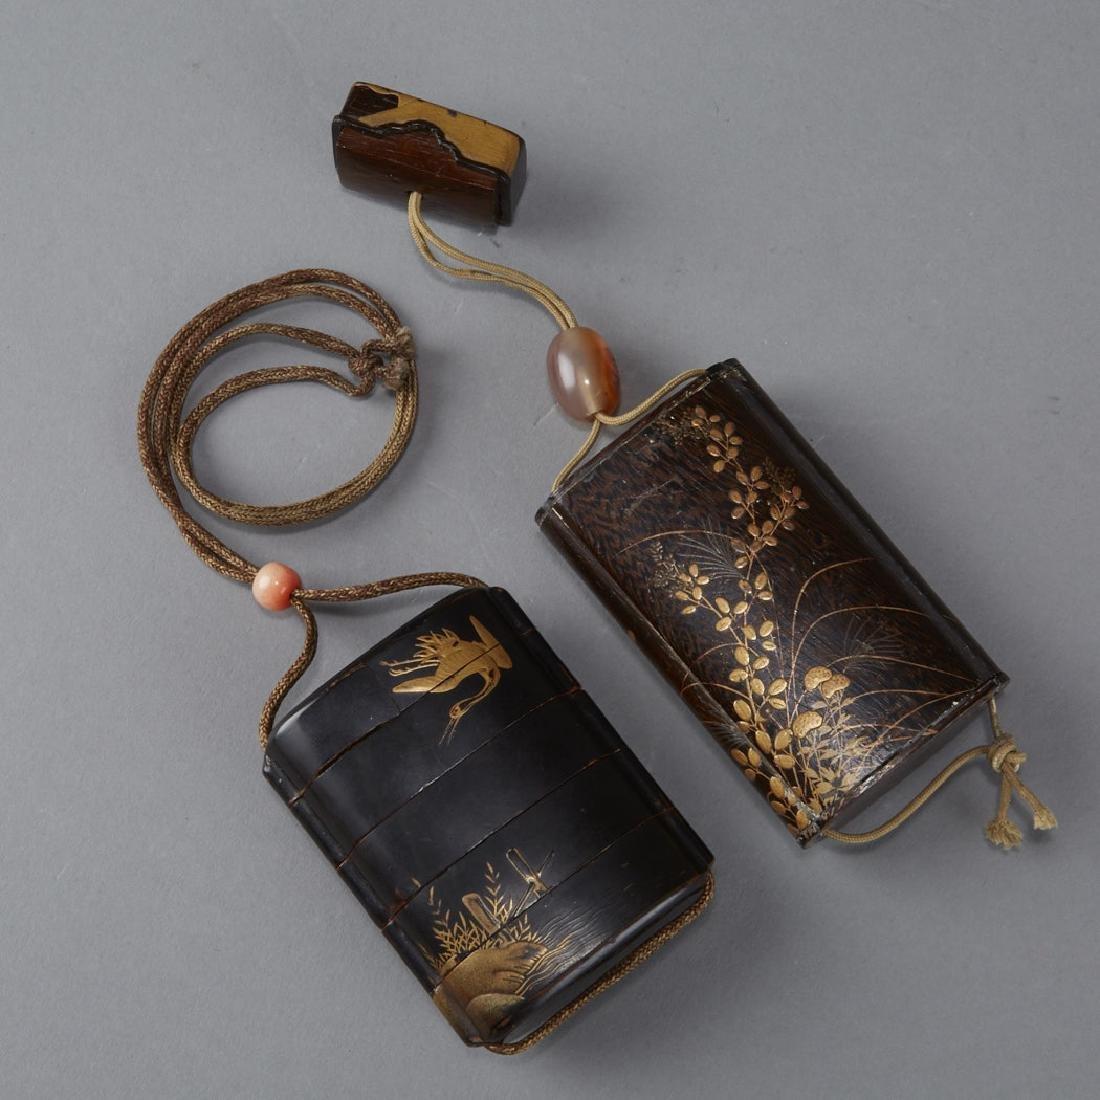 2 Edo Period Japanese Lacquer Inro - BTC Acpt - 2